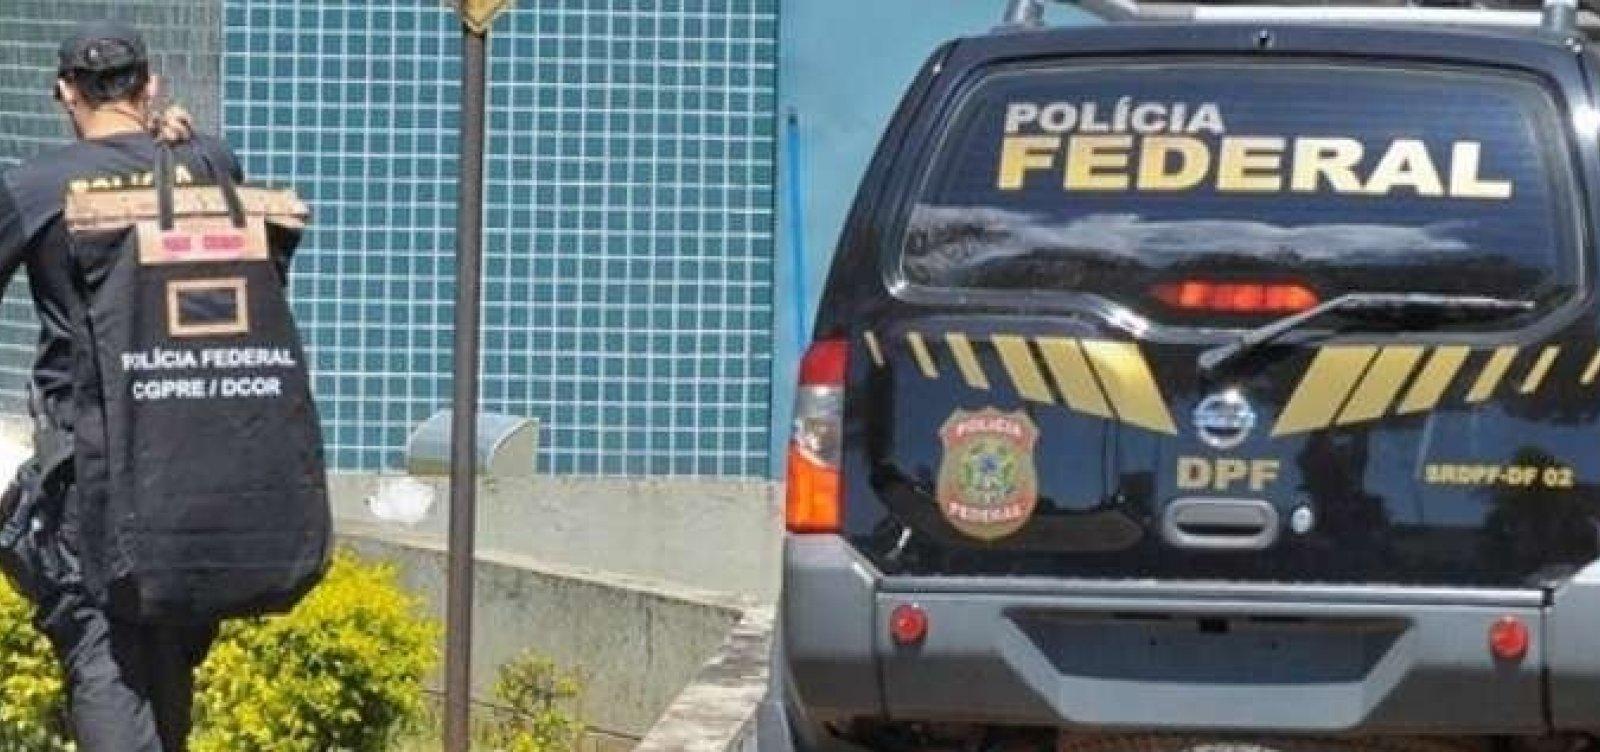 Governador do RJ exonera gestores presos em operação da PF